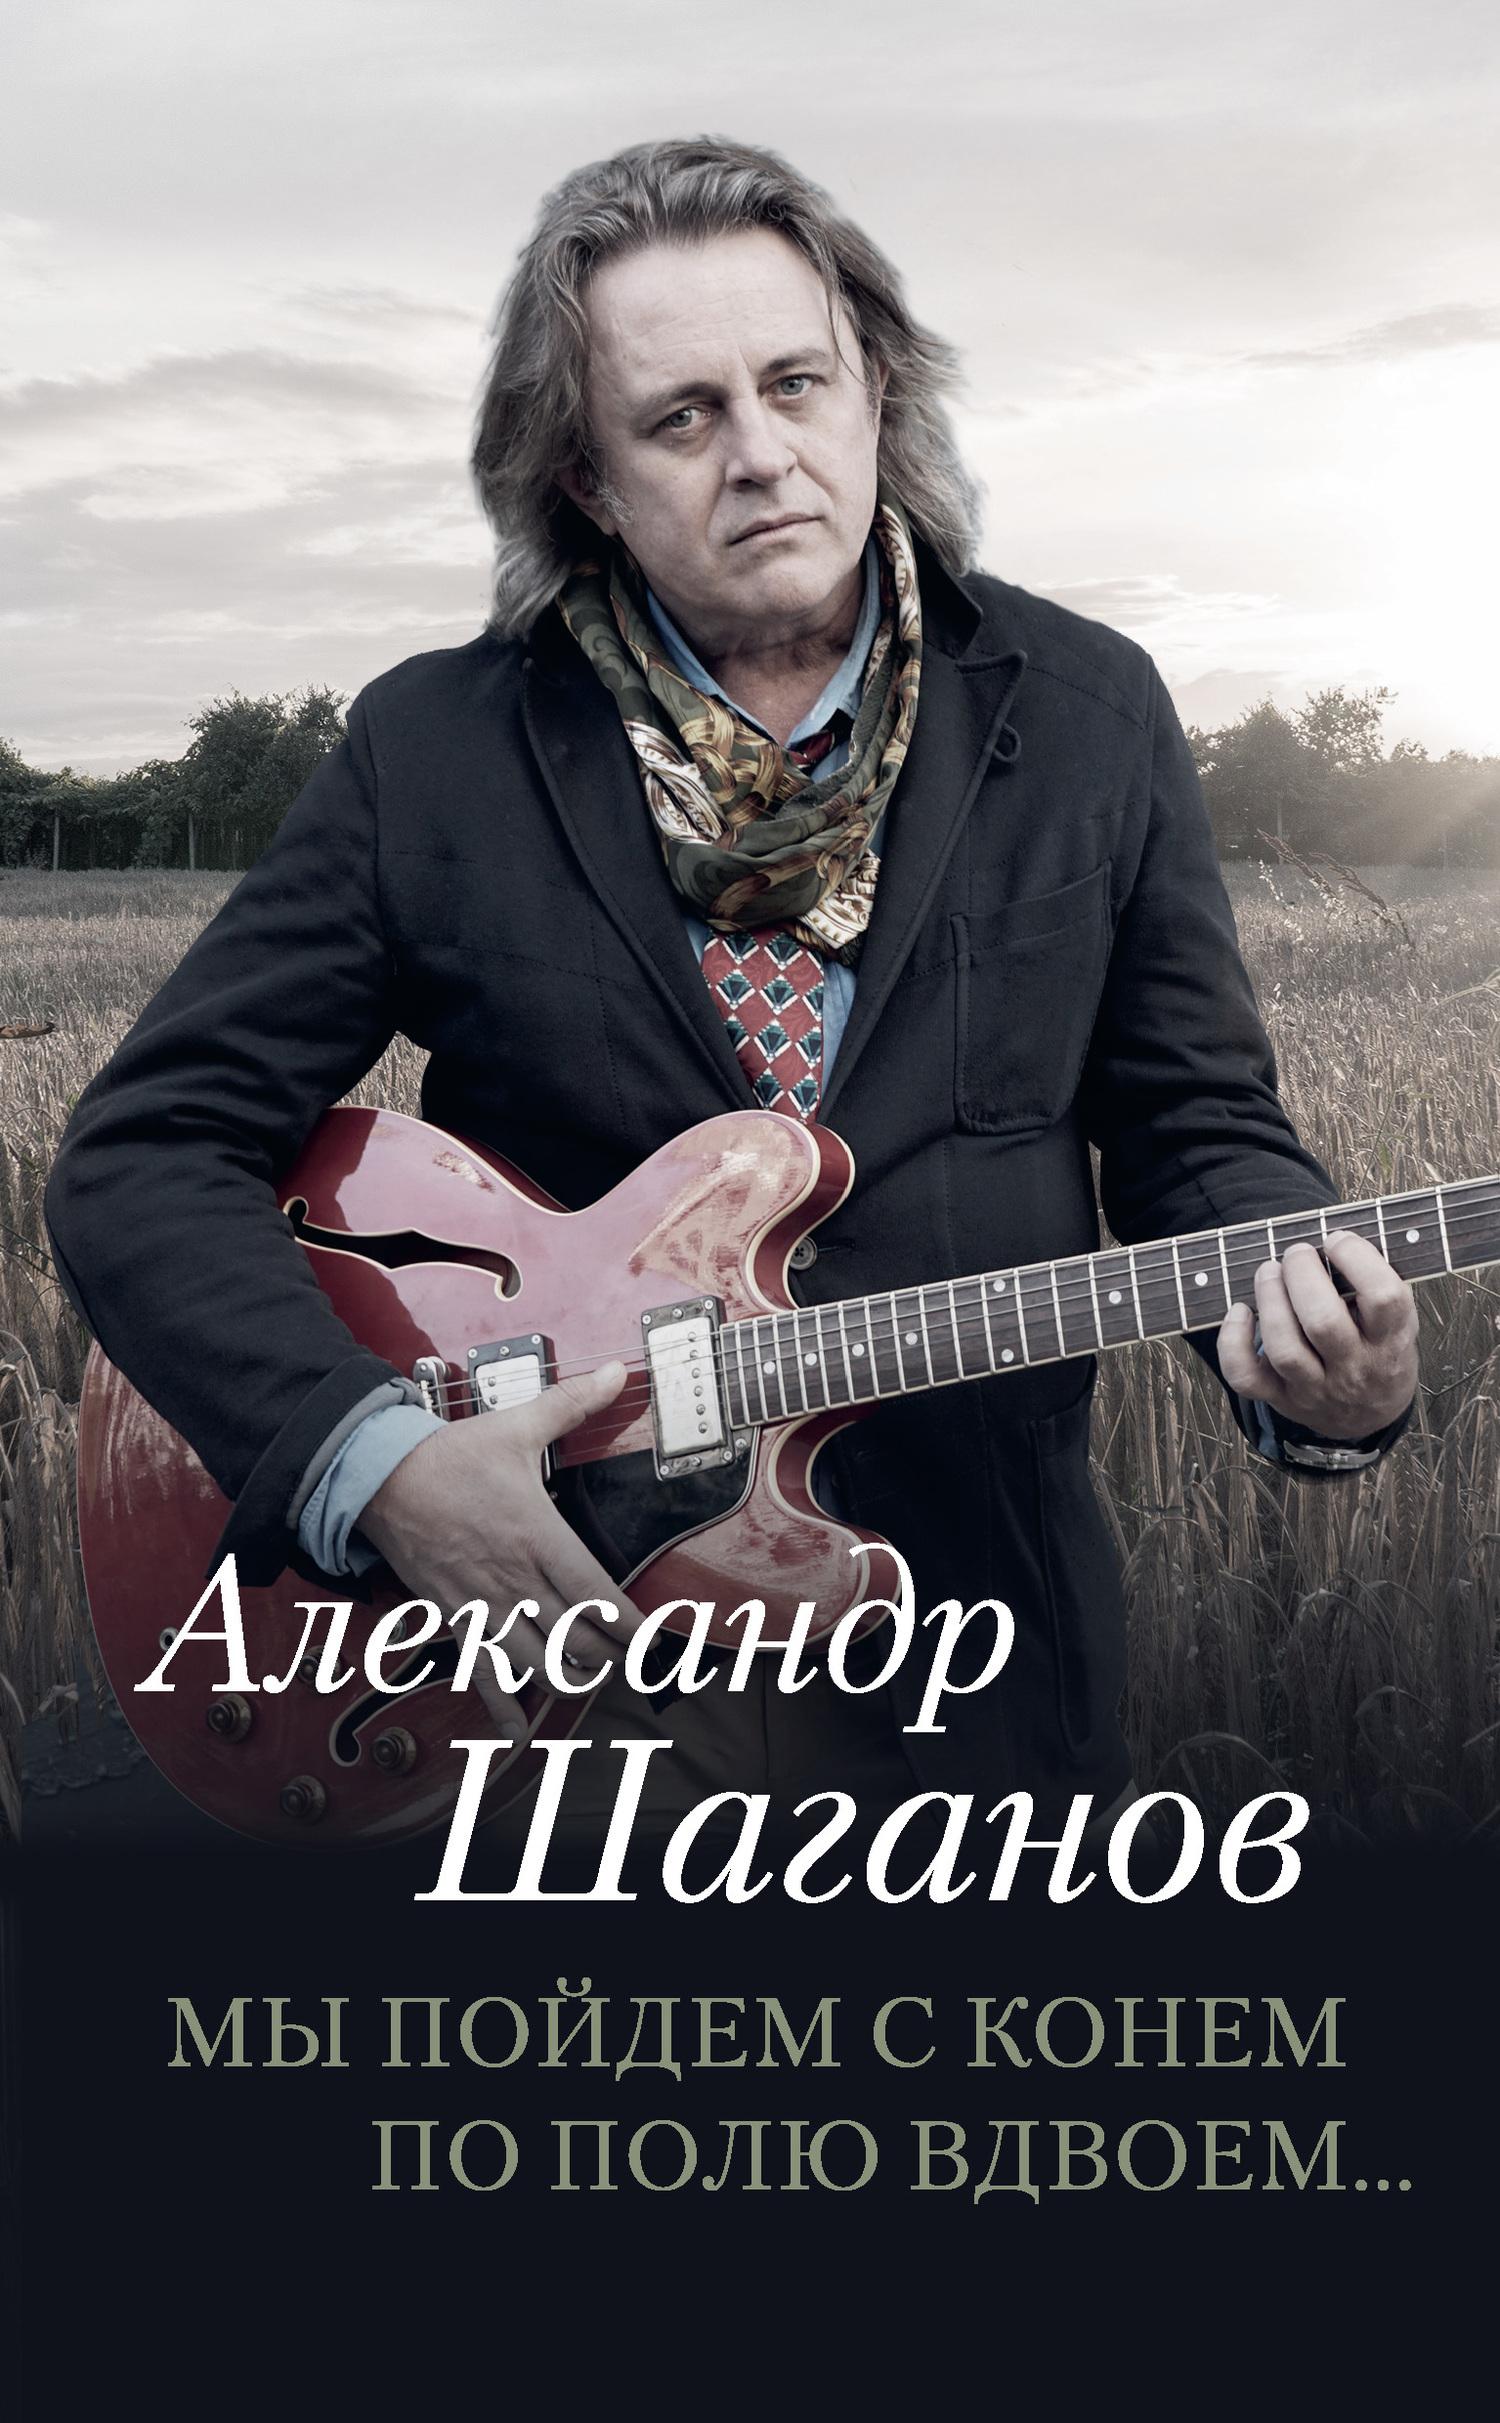 Александр Шаганов - Мы пойдем с конем по полю вдвоем…